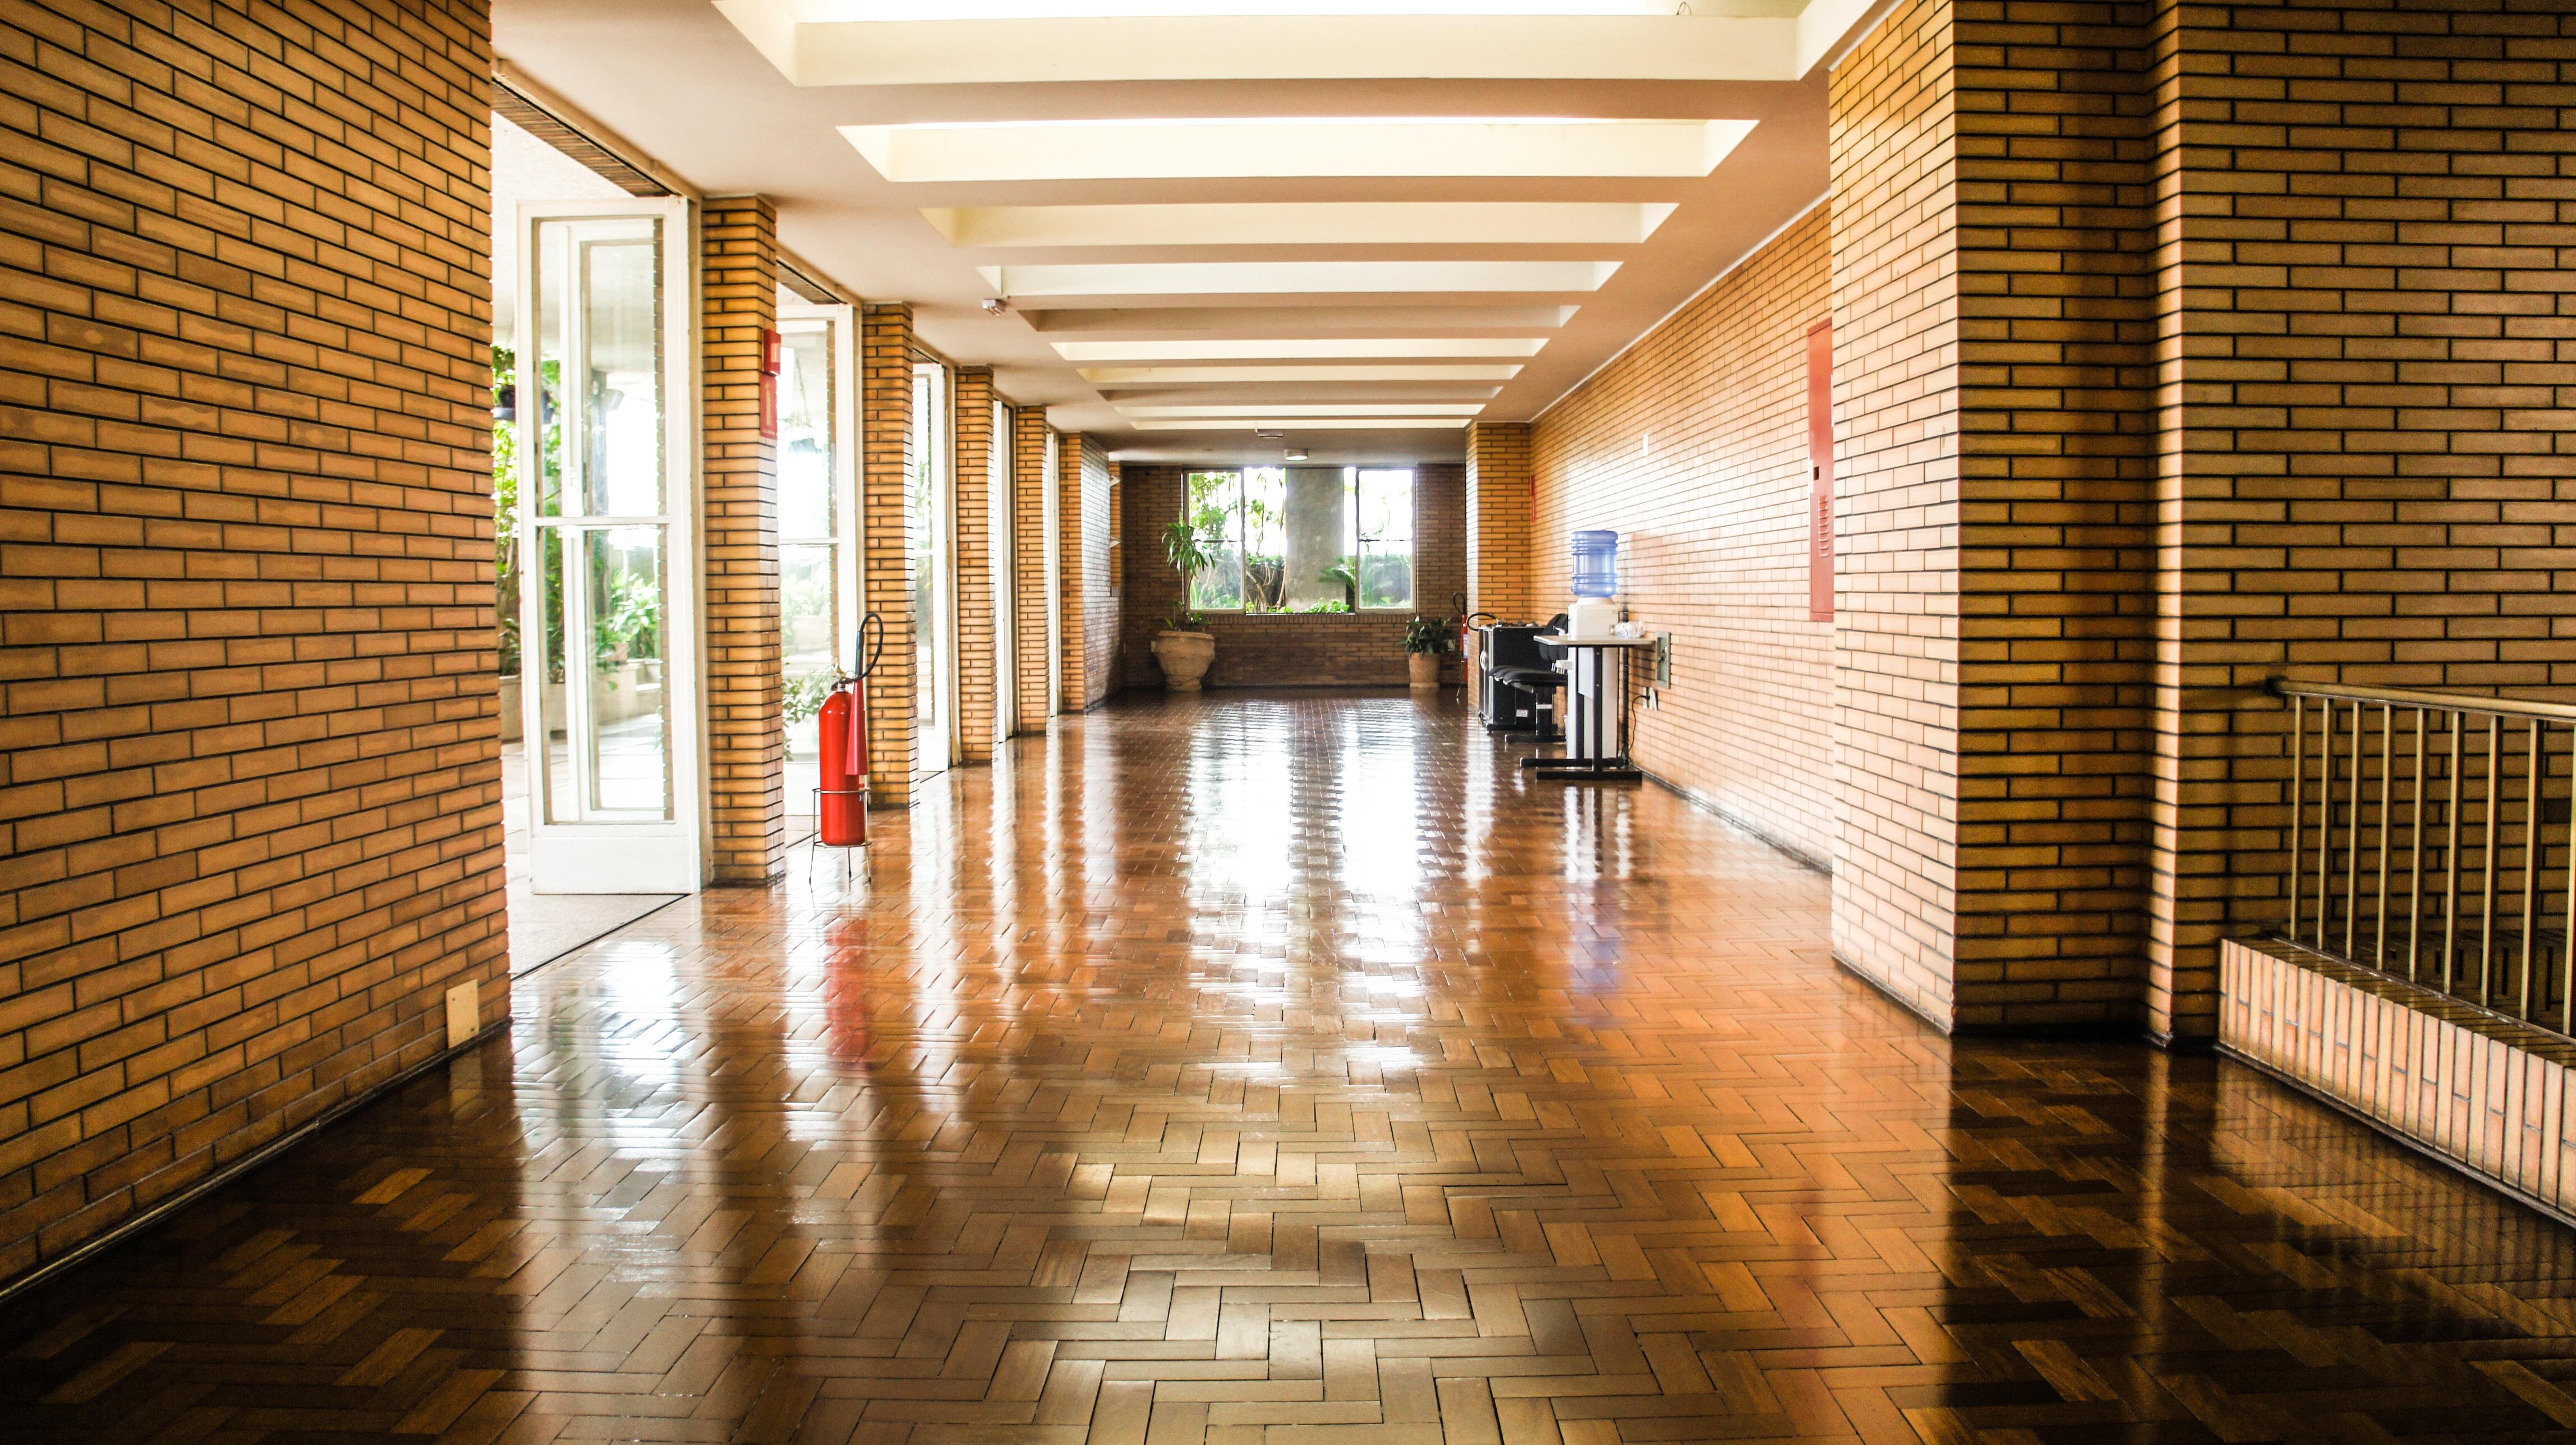 madera piso casa sala propiedad profesional habitacin diseo de interiores madera dura inmuebles vestbulo bienes